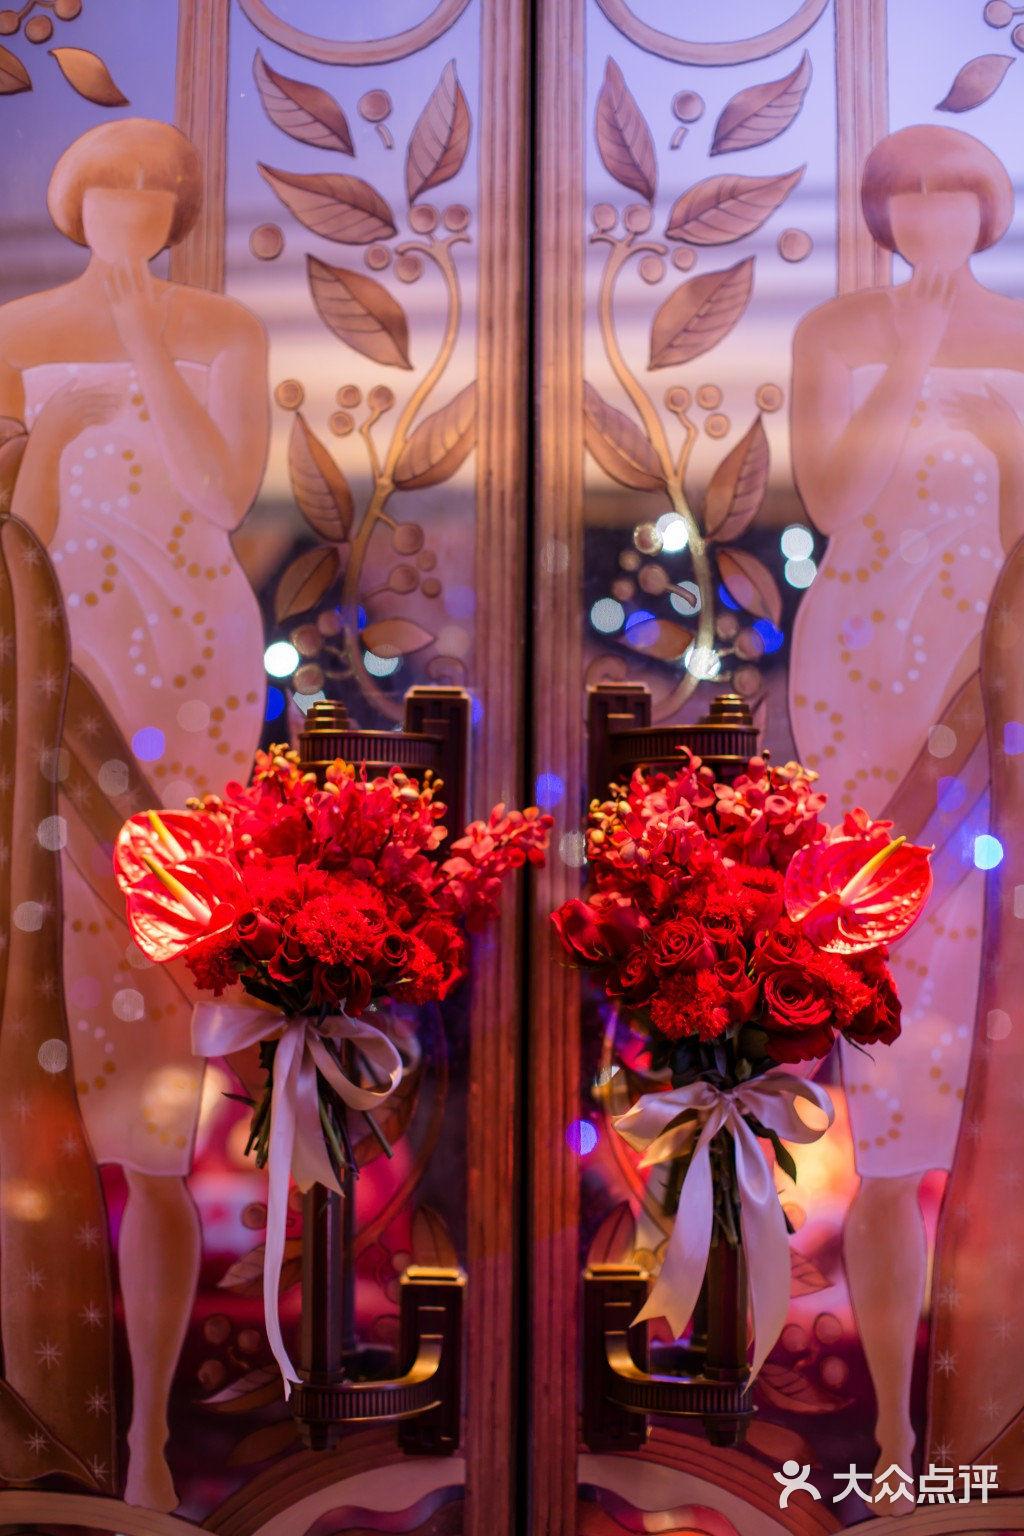 【半岛大酒店-结婚套餐】-wedding house-大众点评网